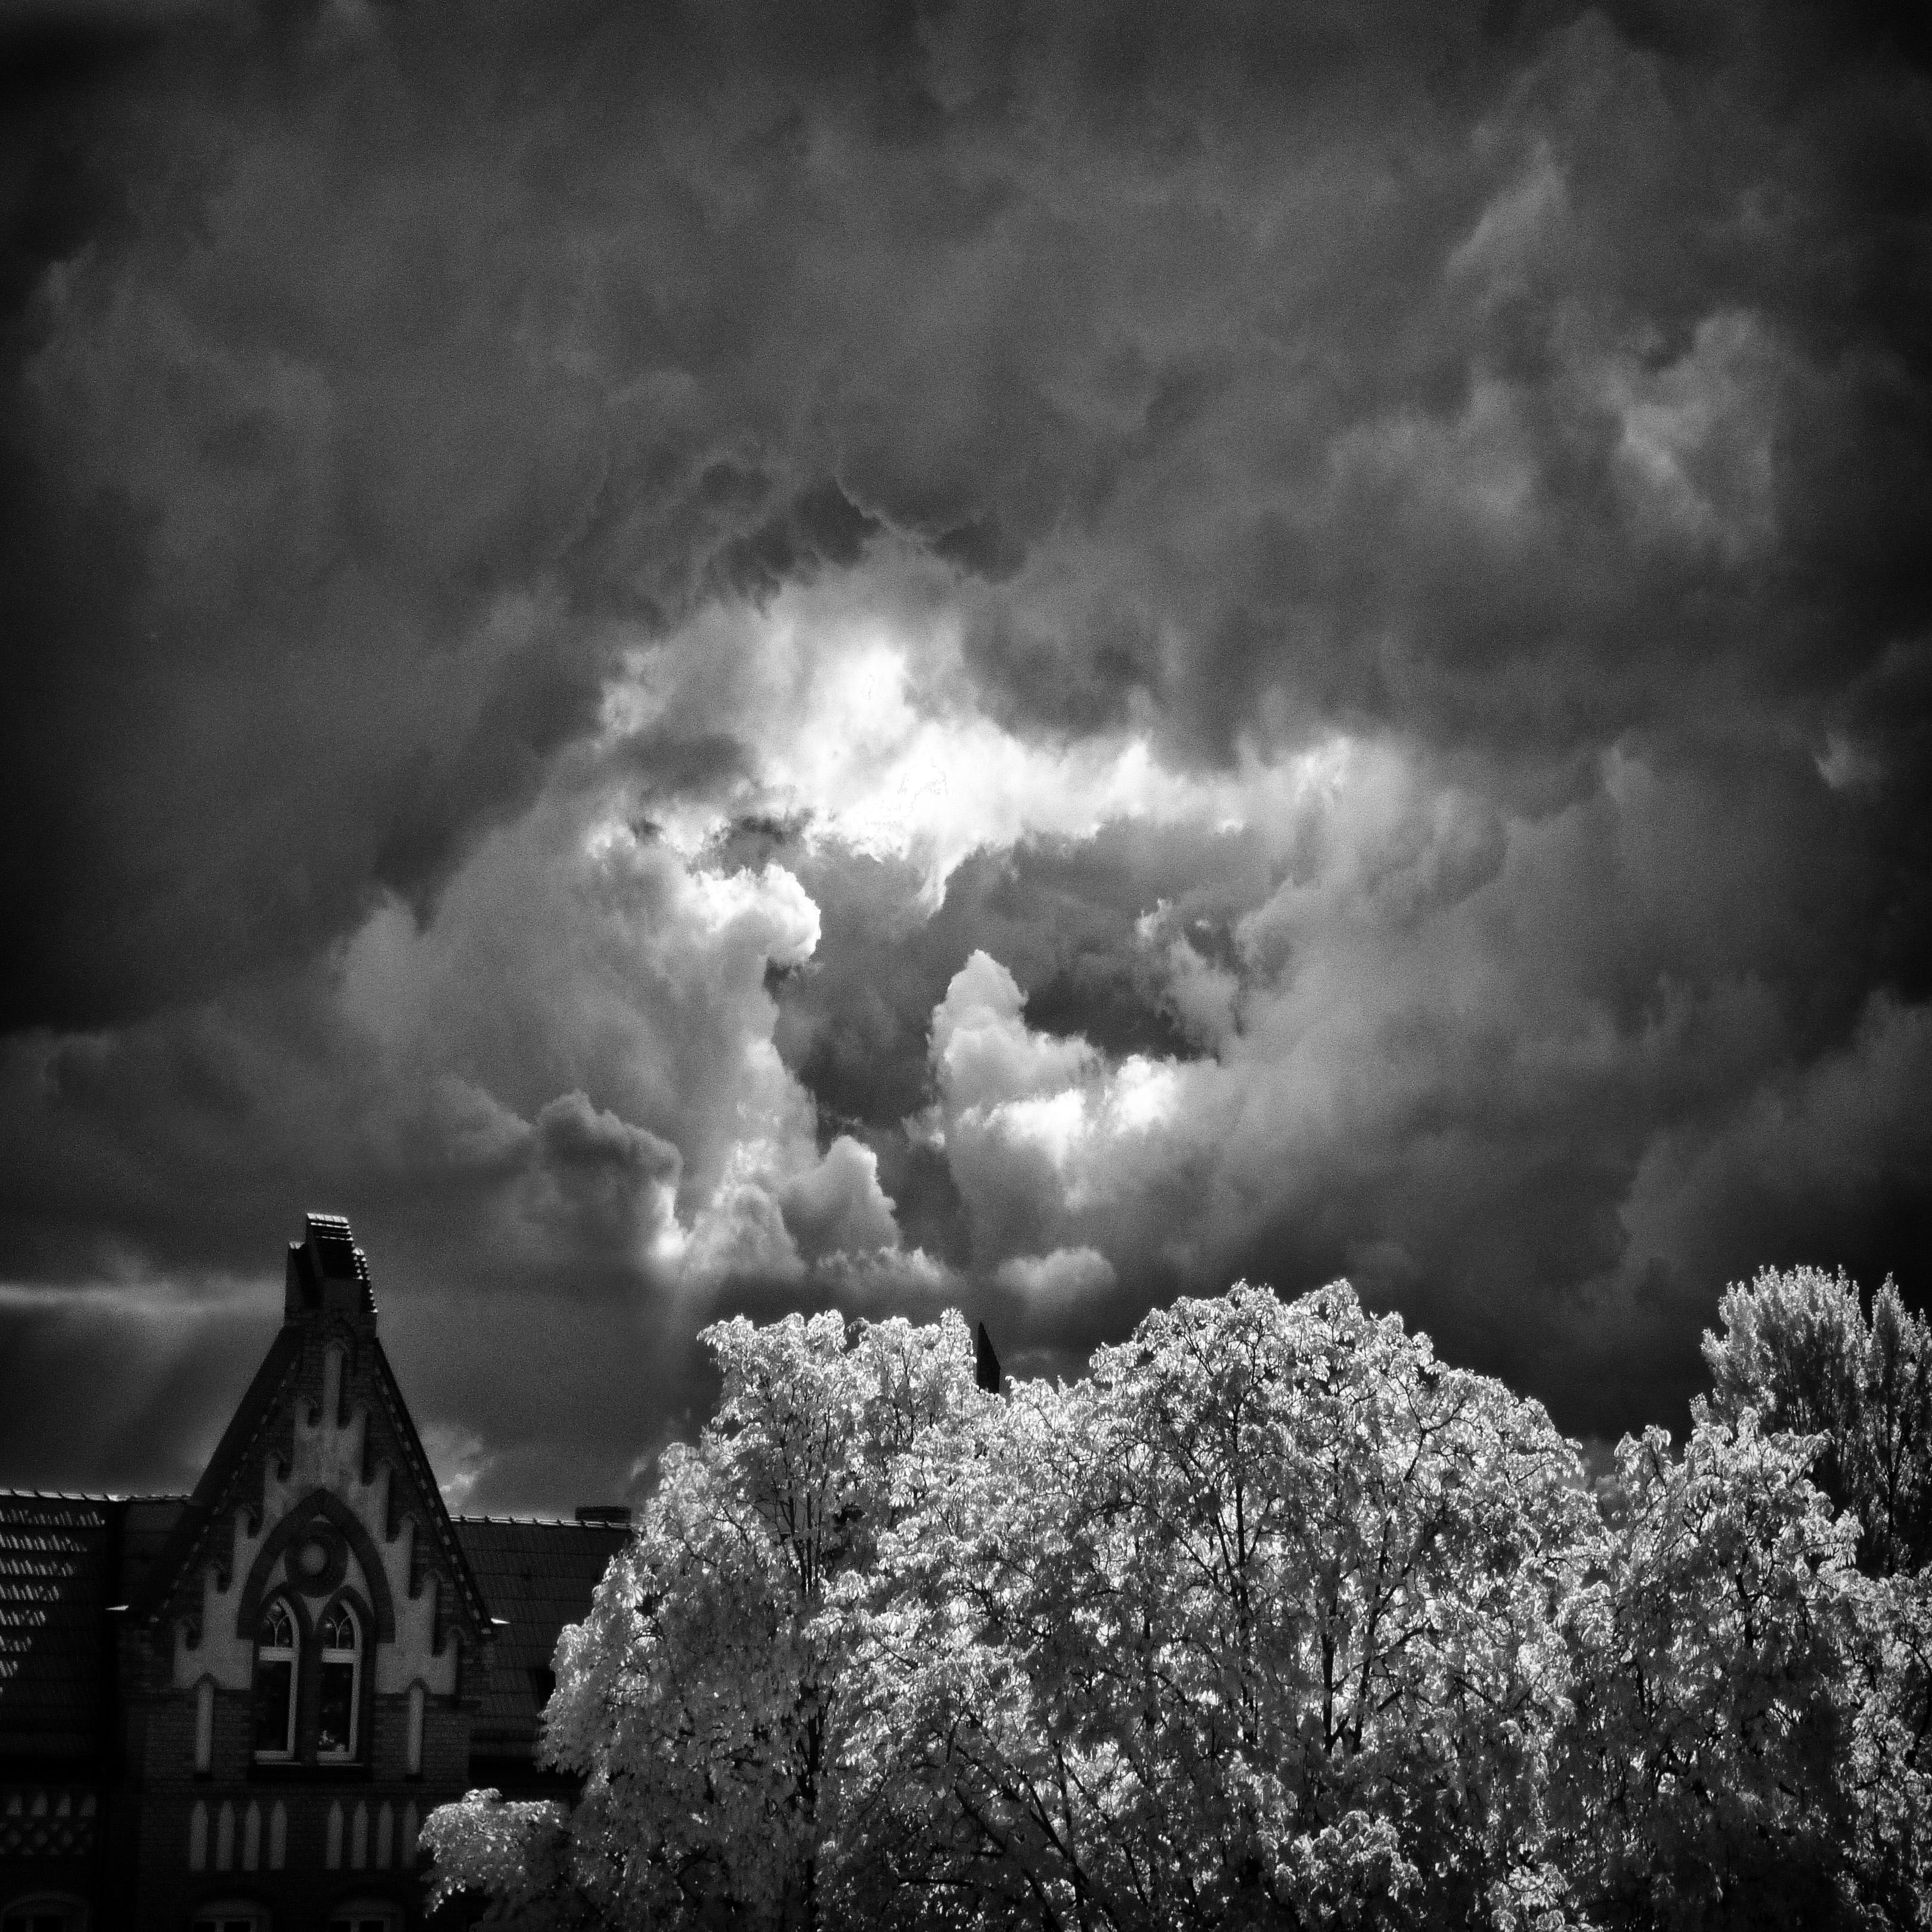 Sky infrared